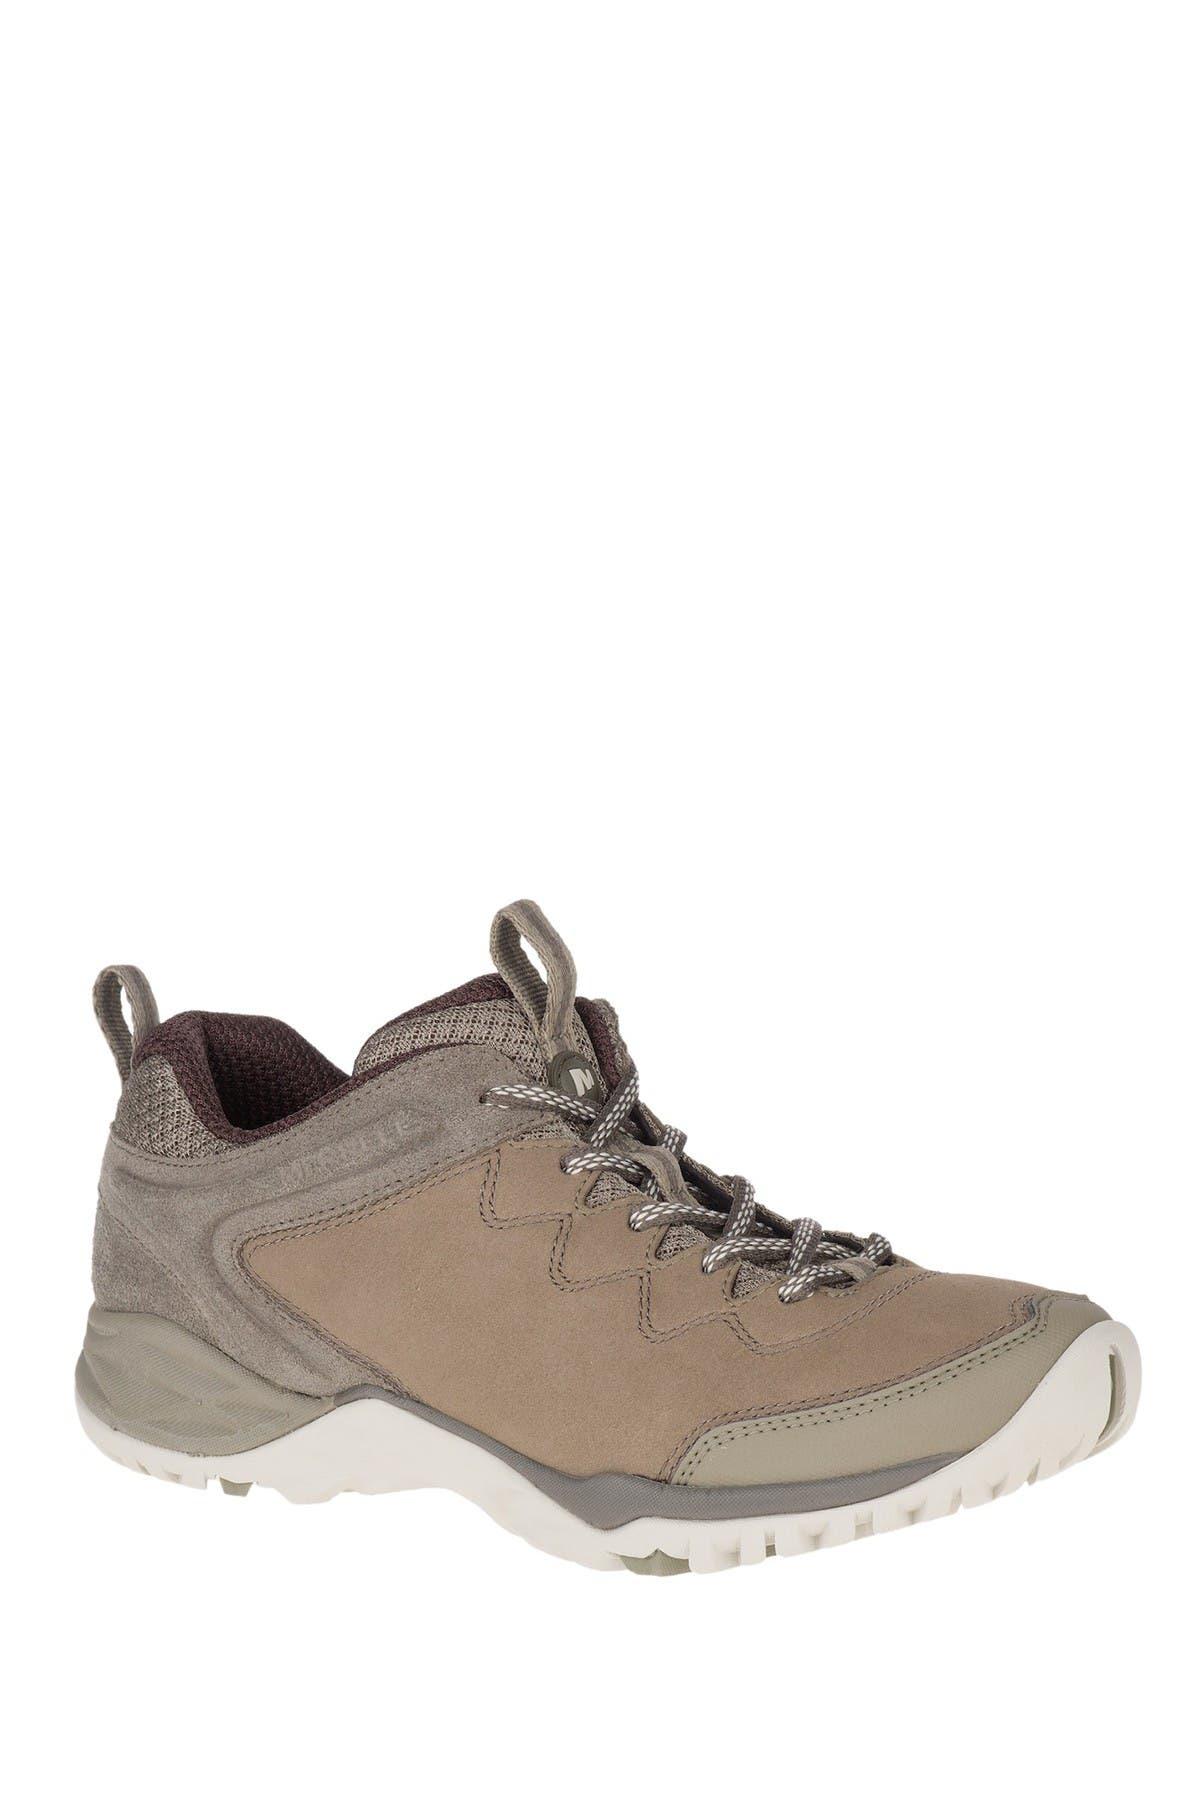 42.5 Chaussures de Randonn/ée Basses Femme Merrell Siren Traveller Q2 Leather